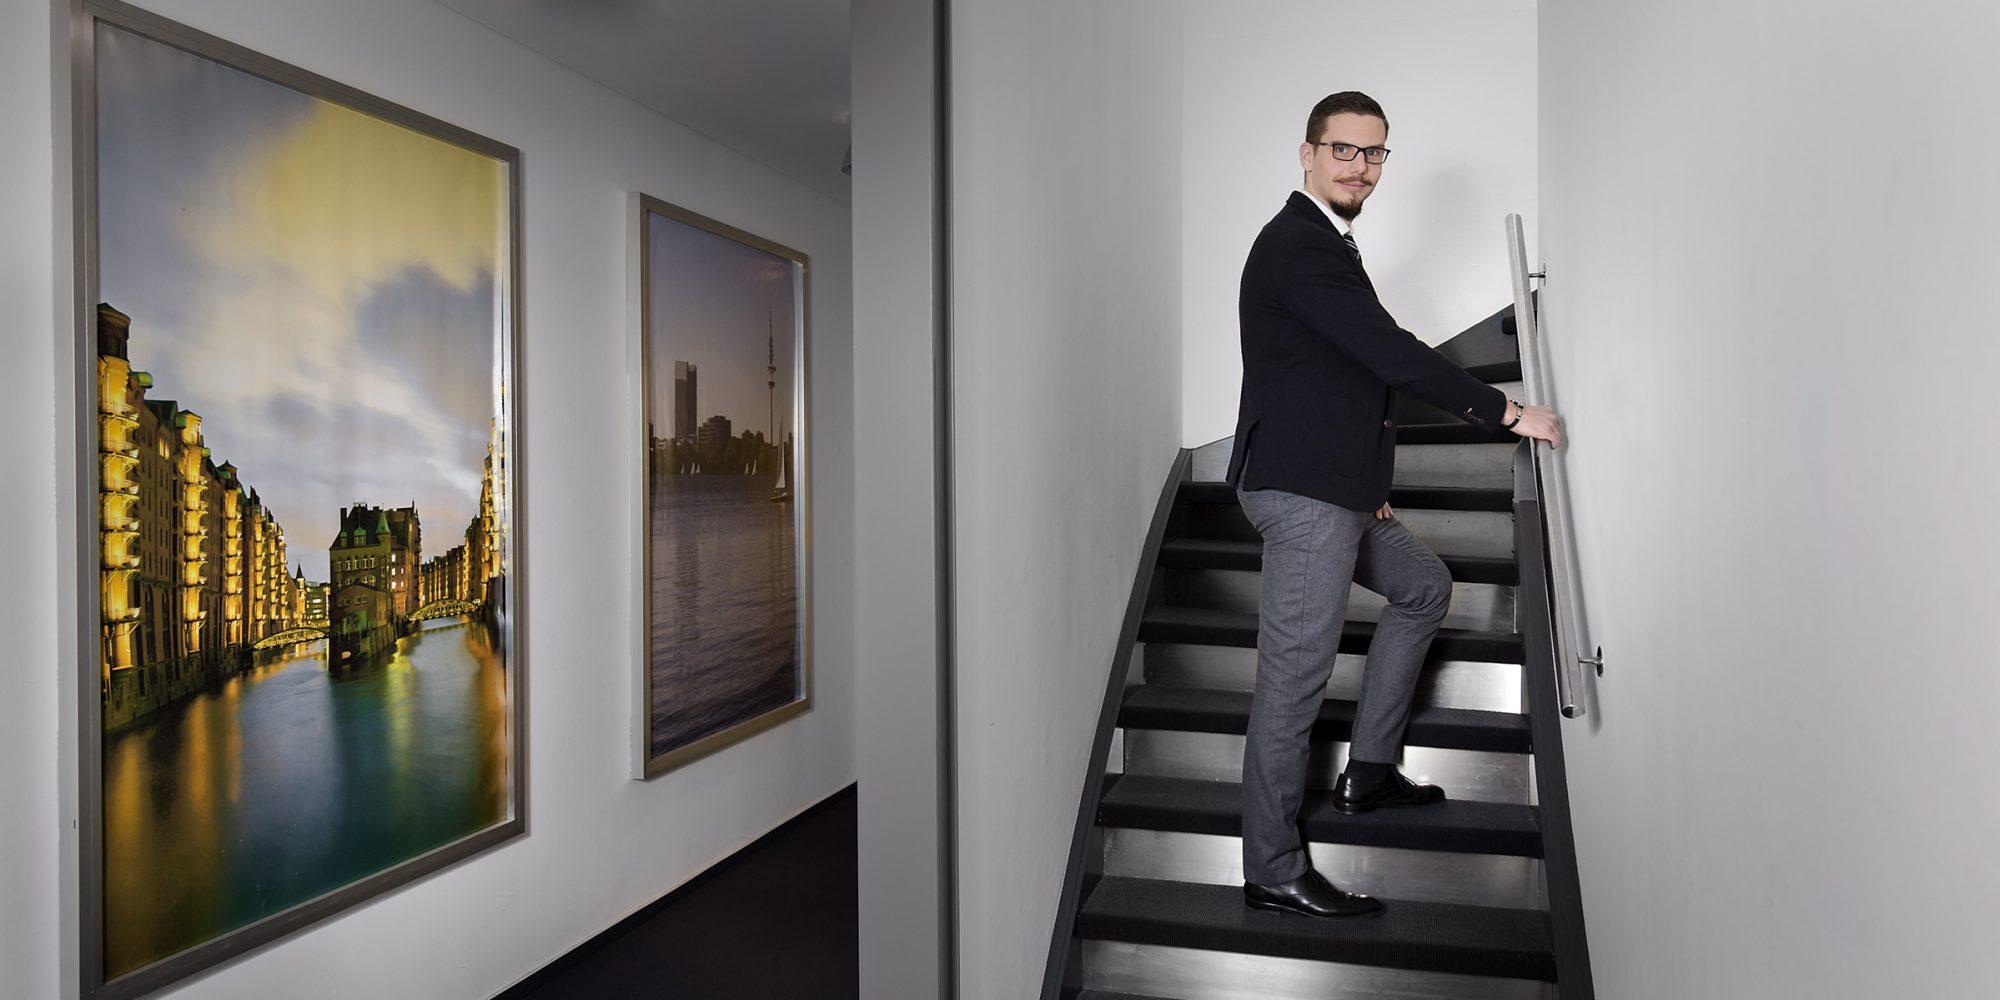 Mitarbeiterfoto eines Mannes in einem Treppenhaus mit Hamburger Bildmotiven an den Wänden.